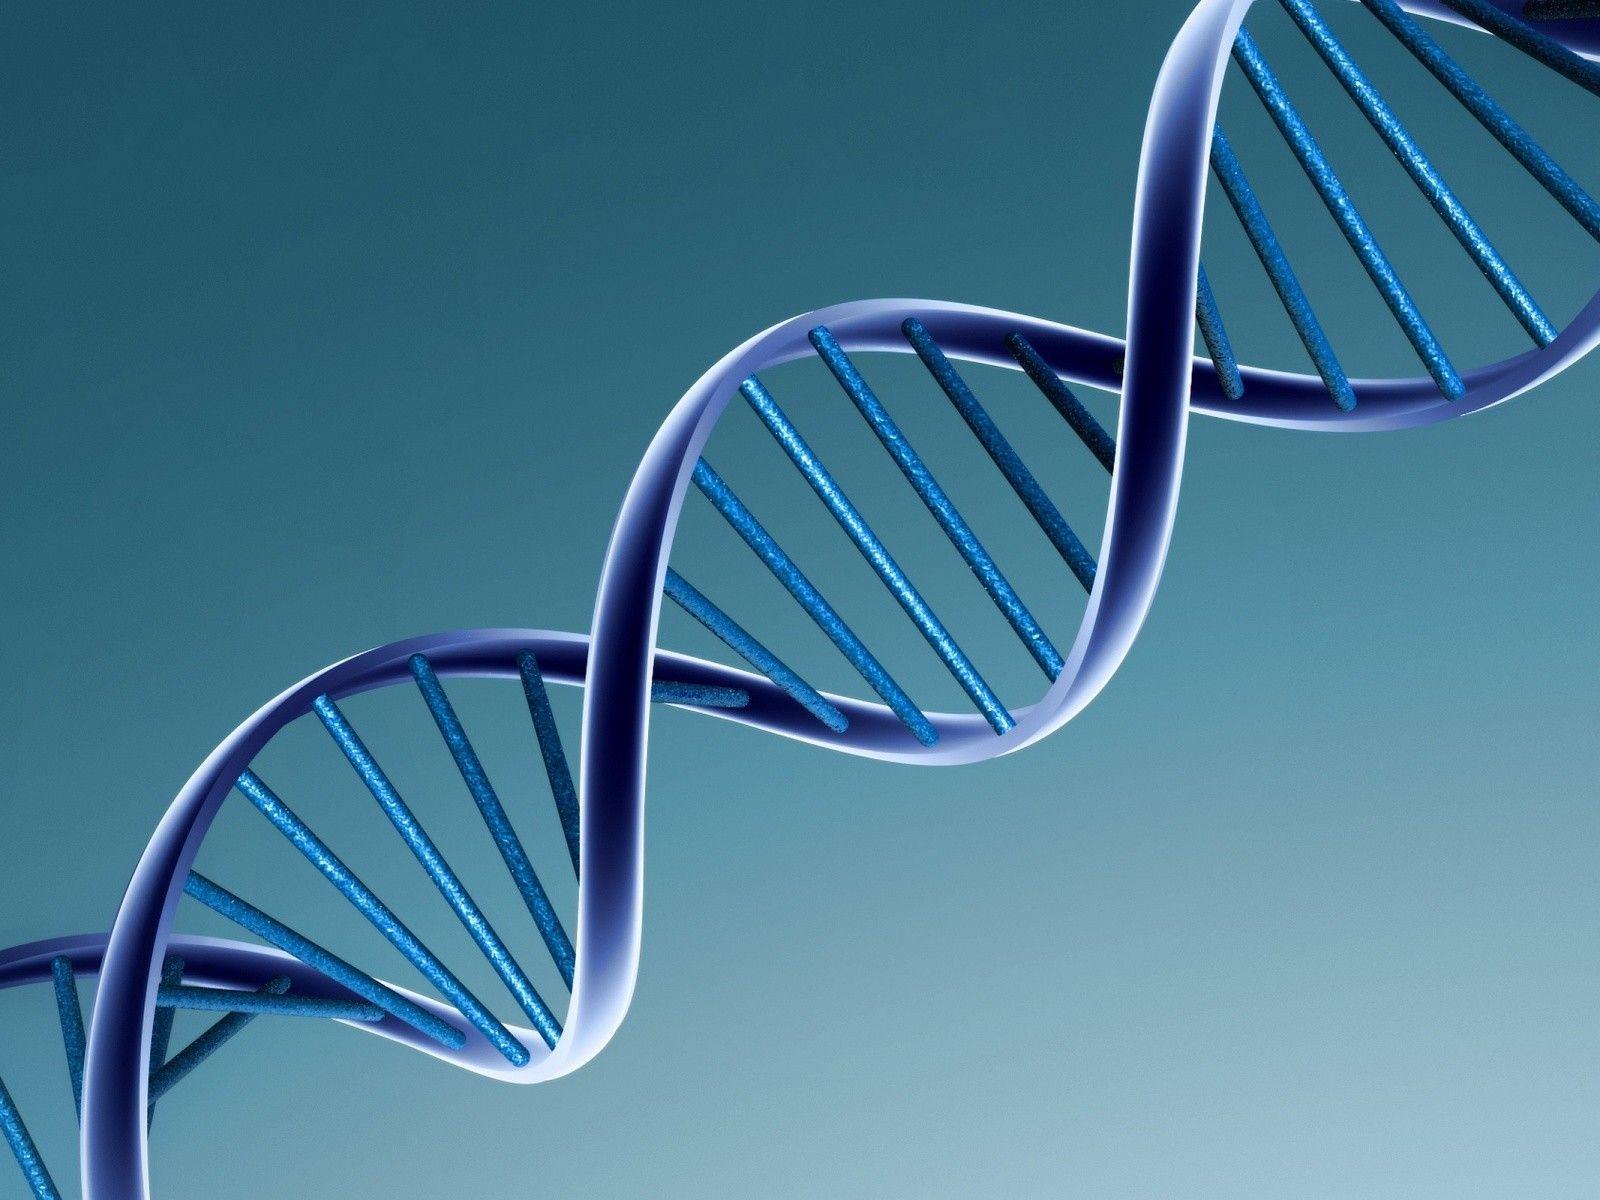 单细胞分析有望加速科学家对人类疾病的深度研究